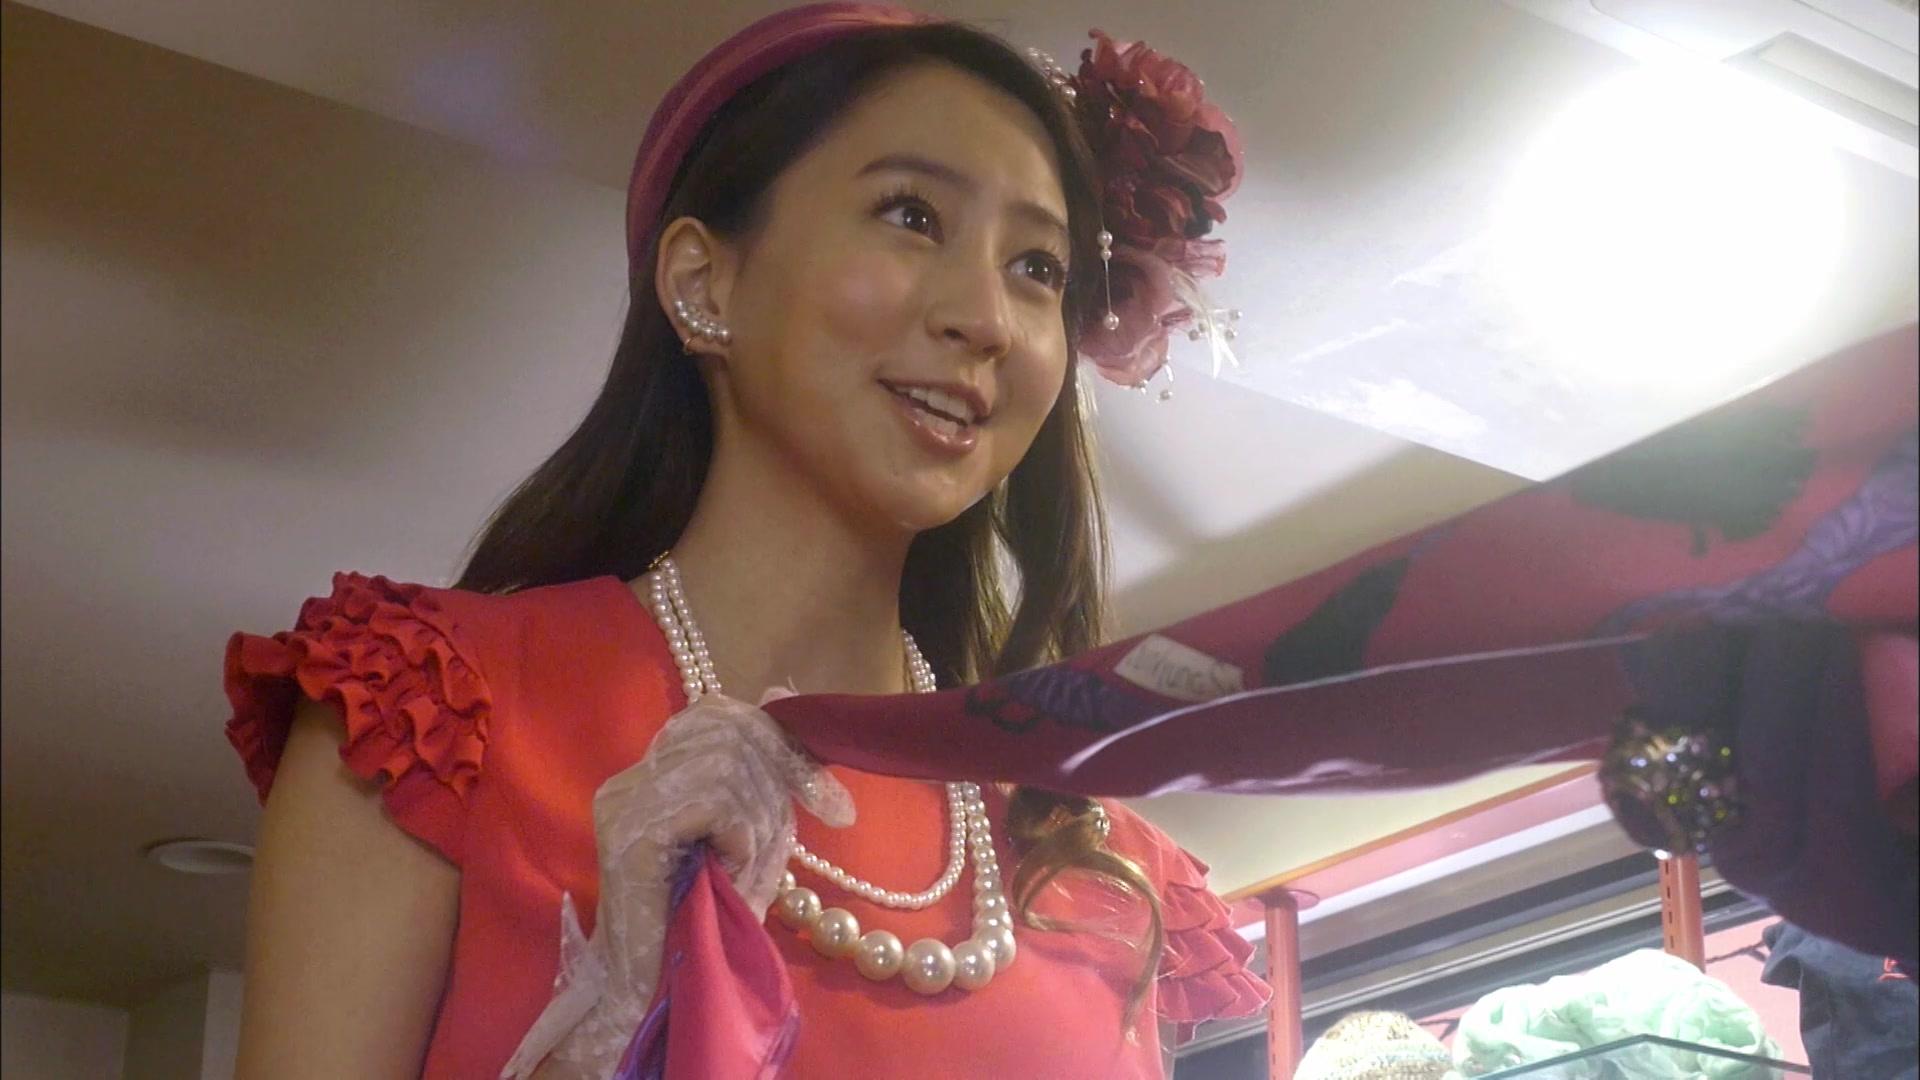 I Am Reiko Shiratori! - Shiratori Reiko de Gozaimasu! Episode 2